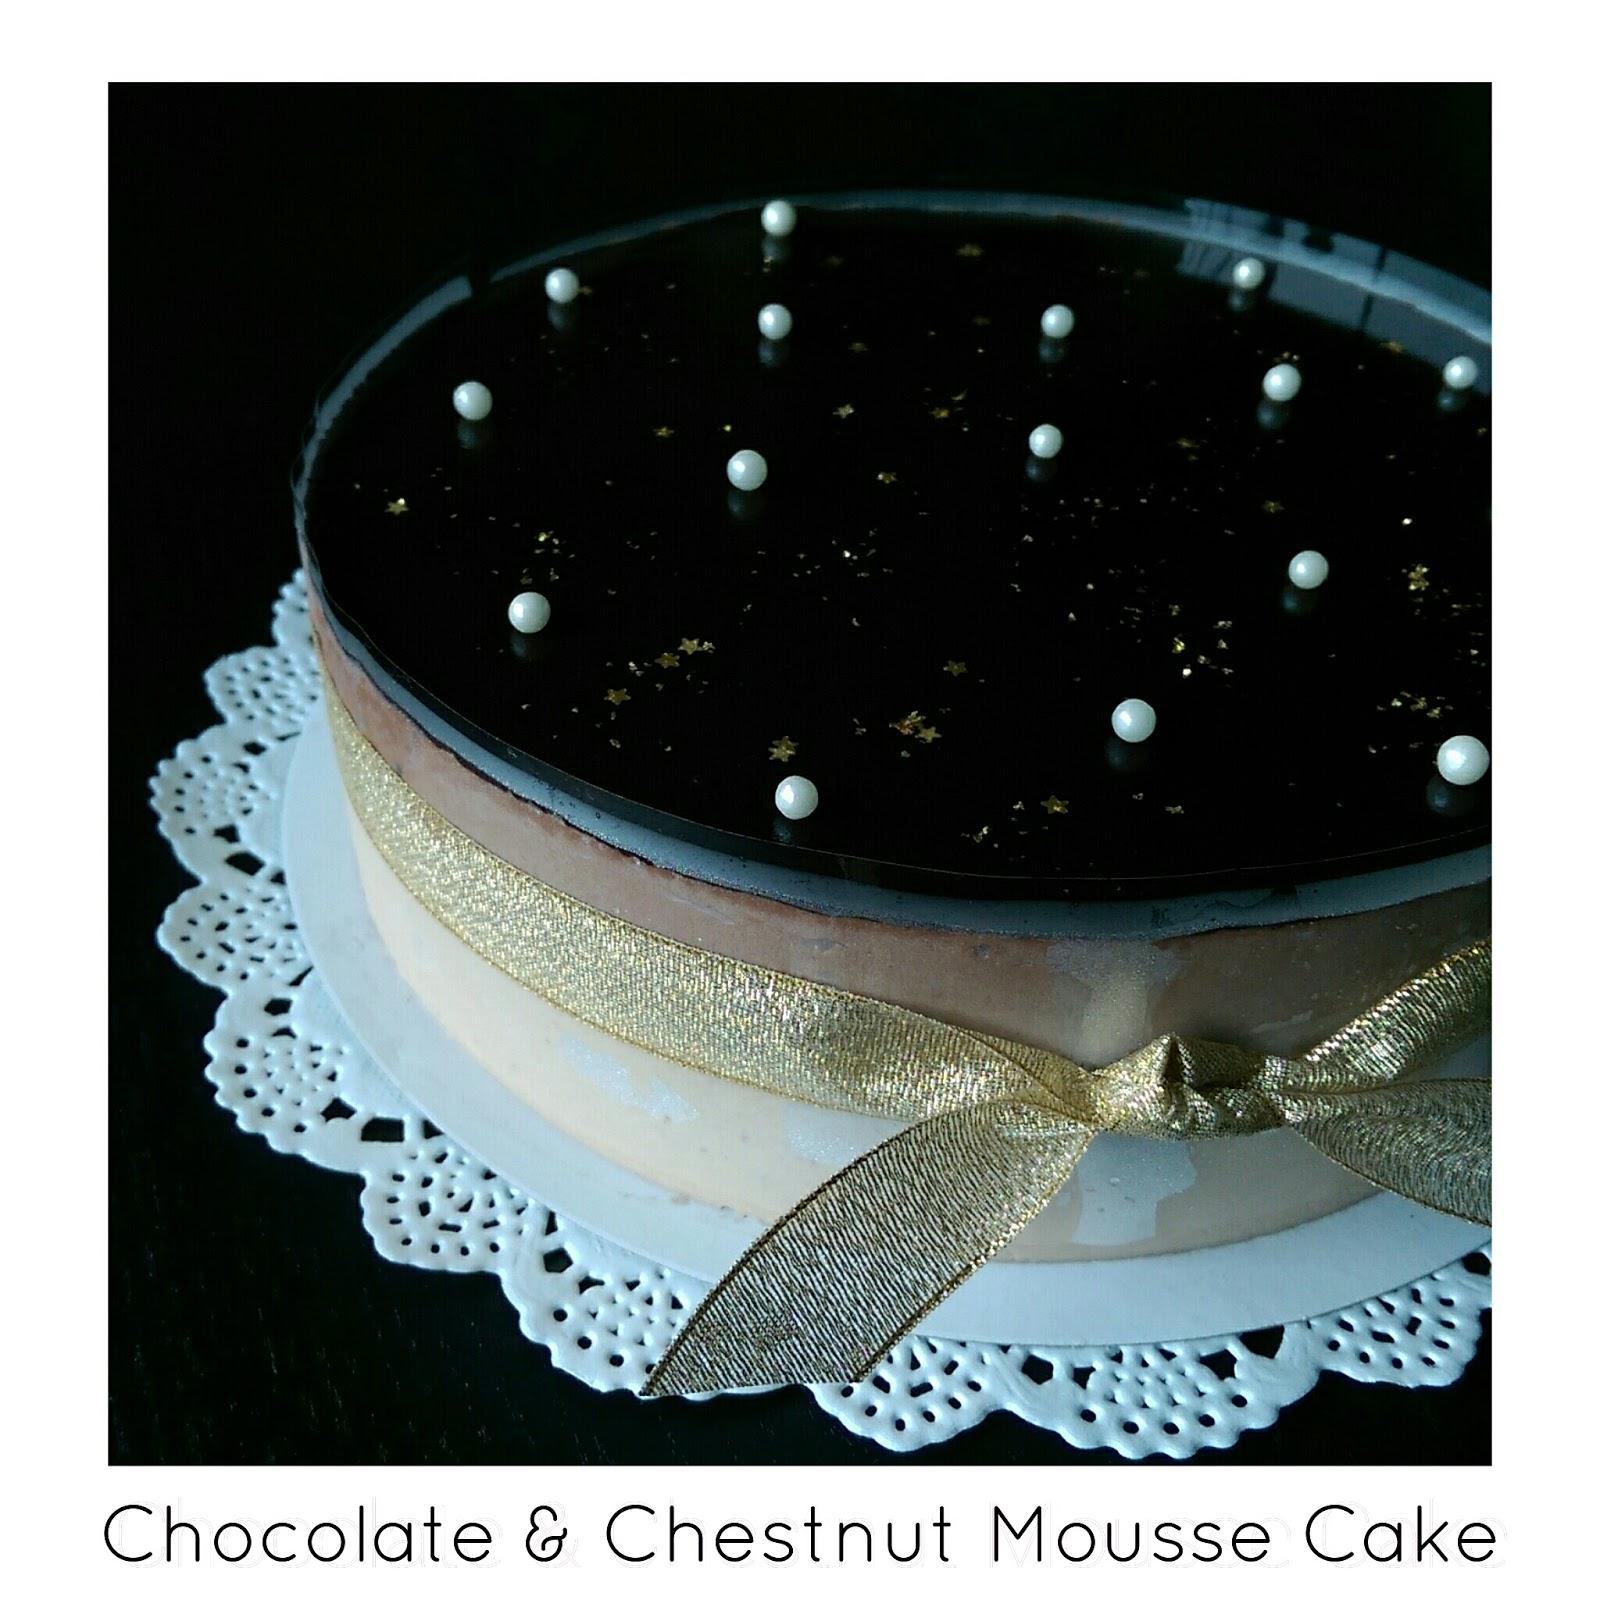 煮意天地: Chocolate & Chestnut Mousse Cake